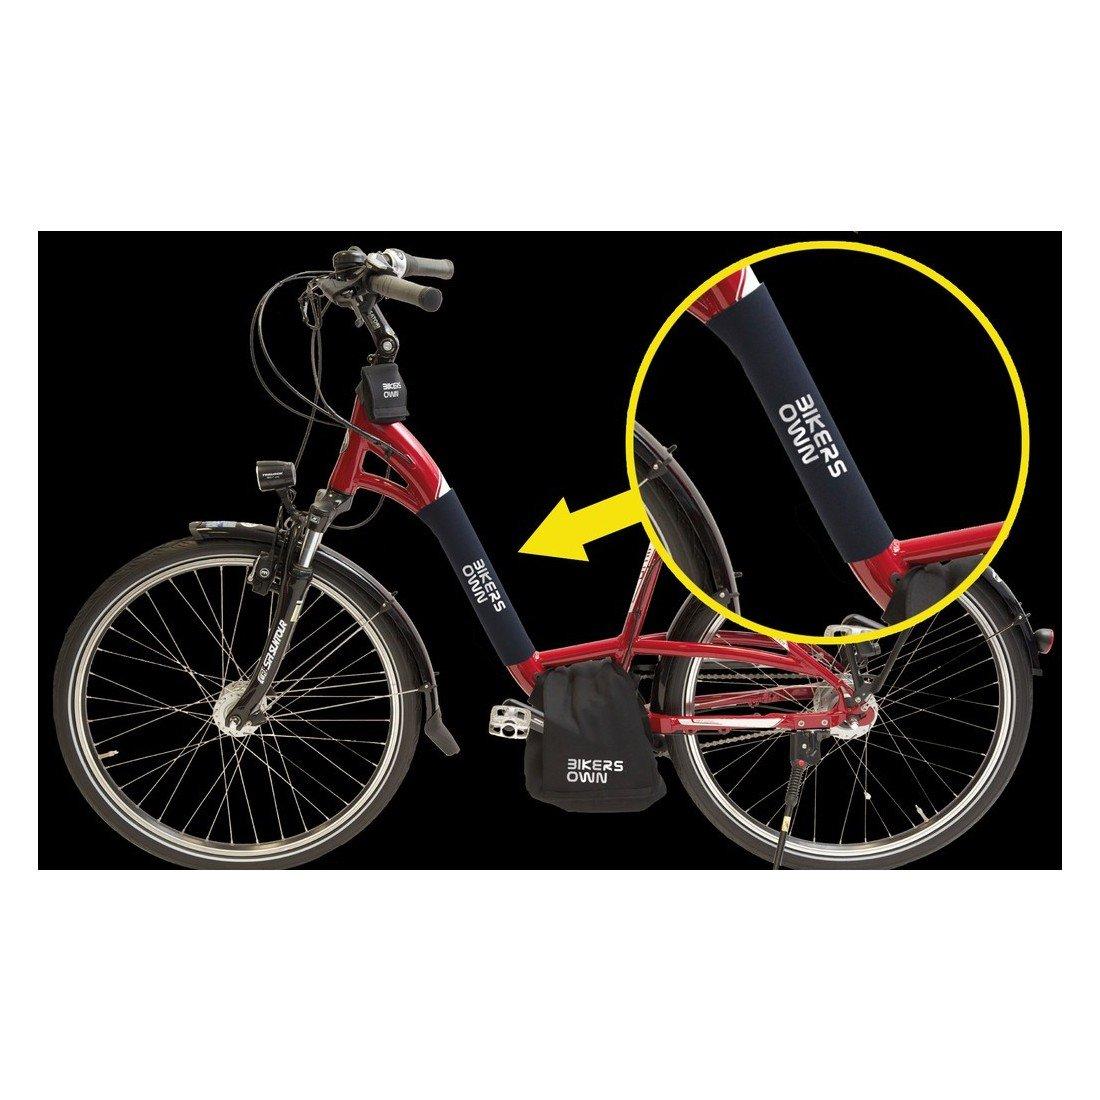 BIKERSOWN Bike rsown case4rain 08868/Cadre de Transport Protection cha/îne Protections One Size Noir